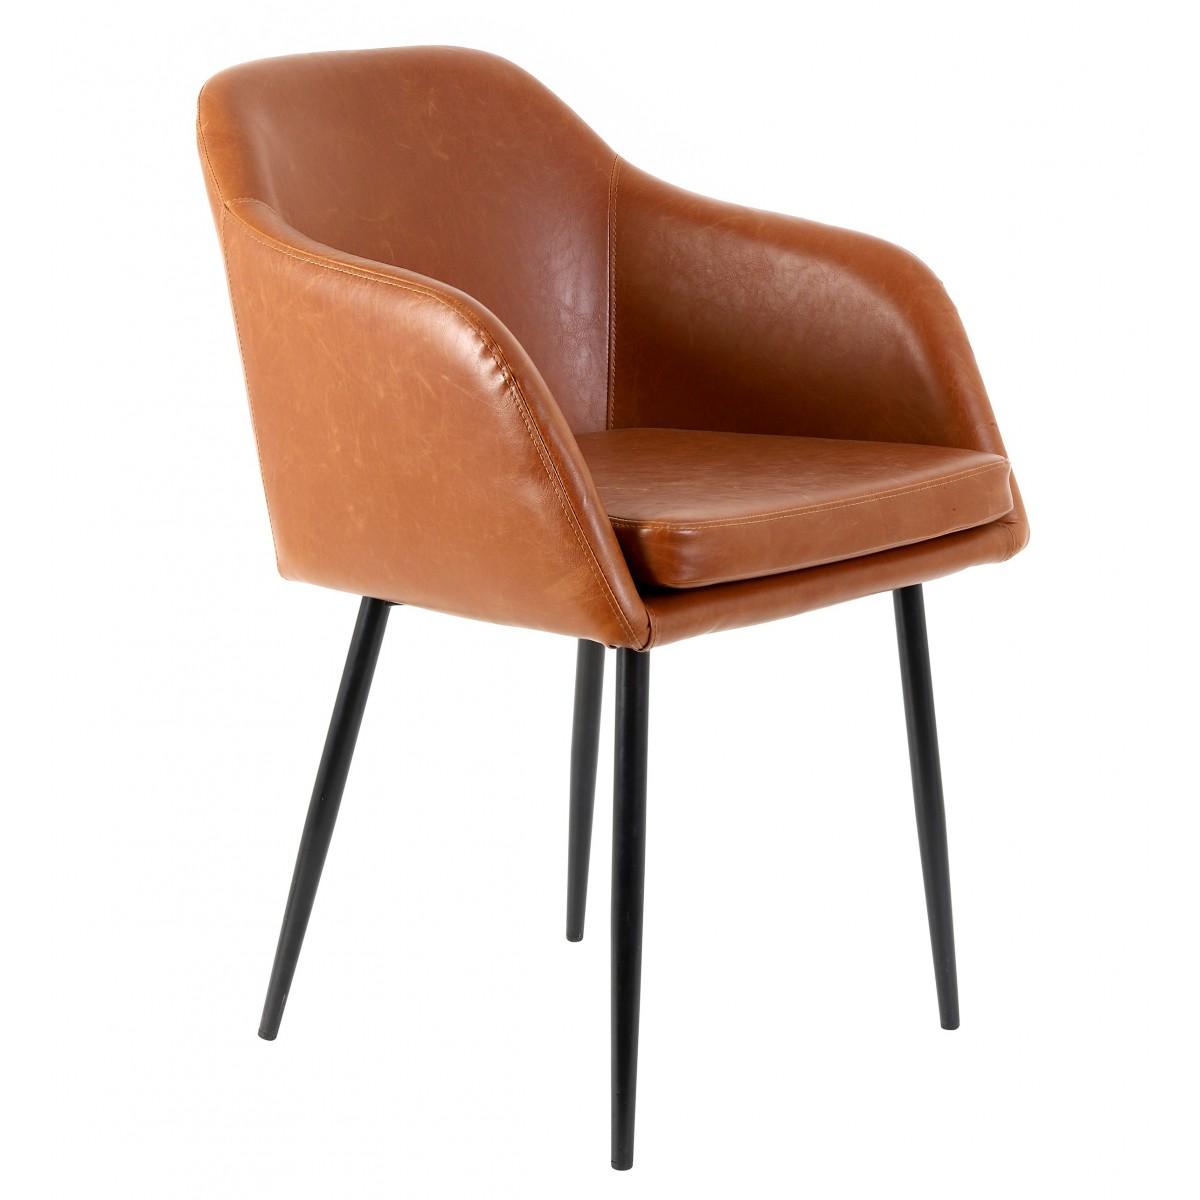 fauteuil bogota cuir camel Résultat Supérieur 5 Bon Marché Fauteuil Club Cuir Camel Galerie 2017 Phe2